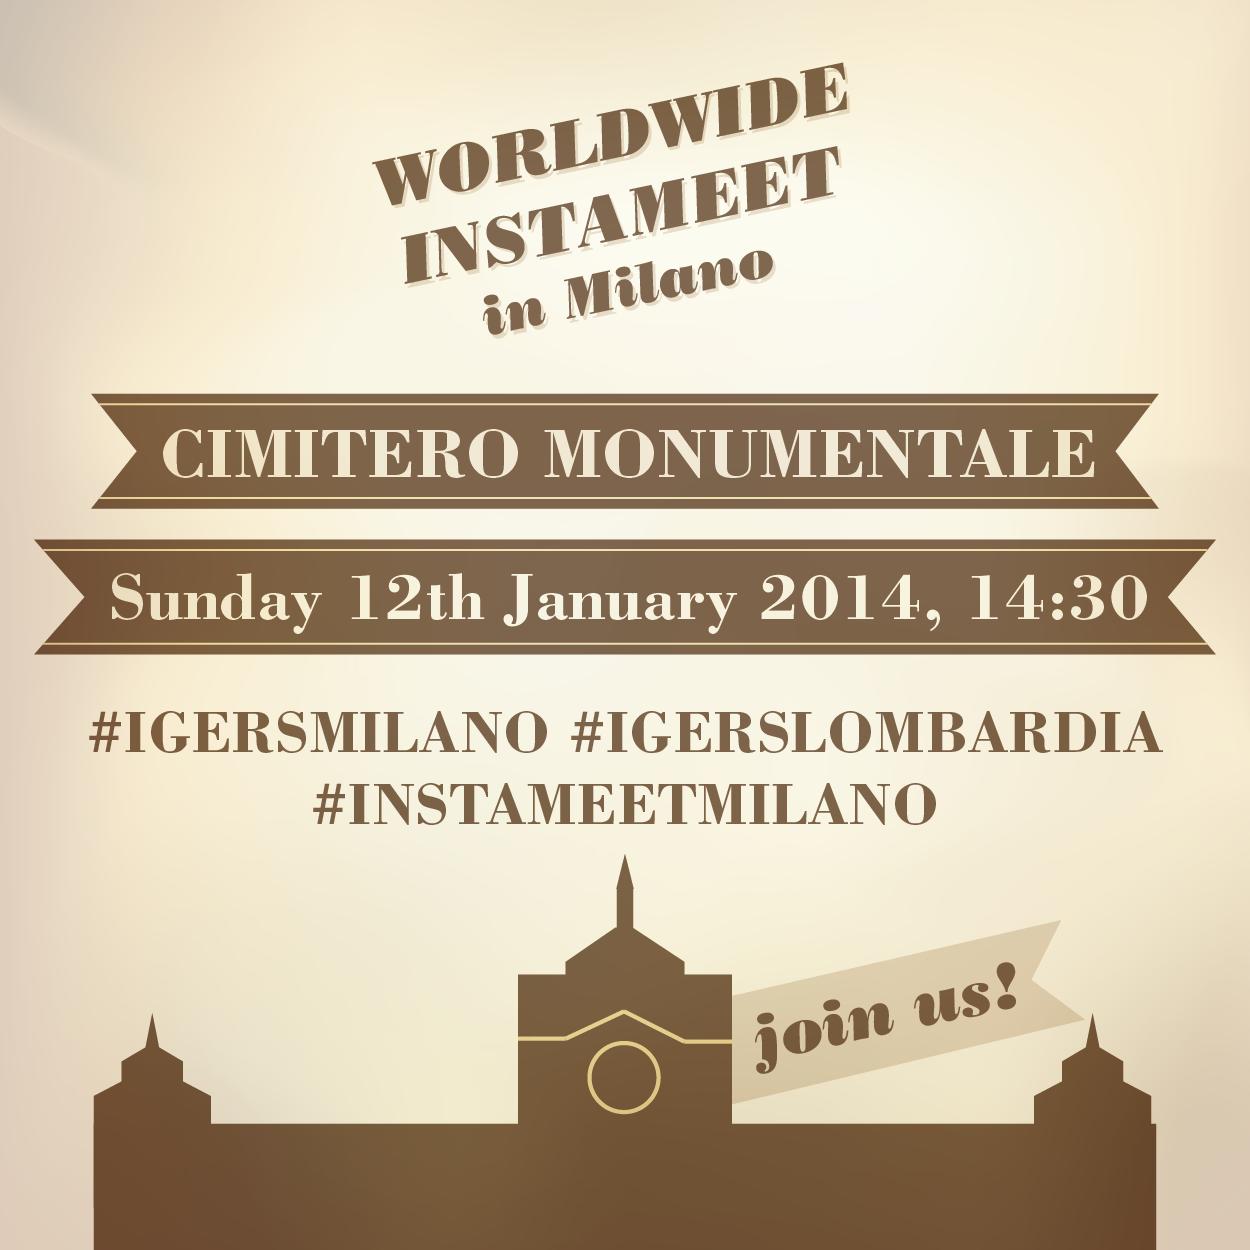 Worldwide Instameet a Milano il 12 gennaio 2014